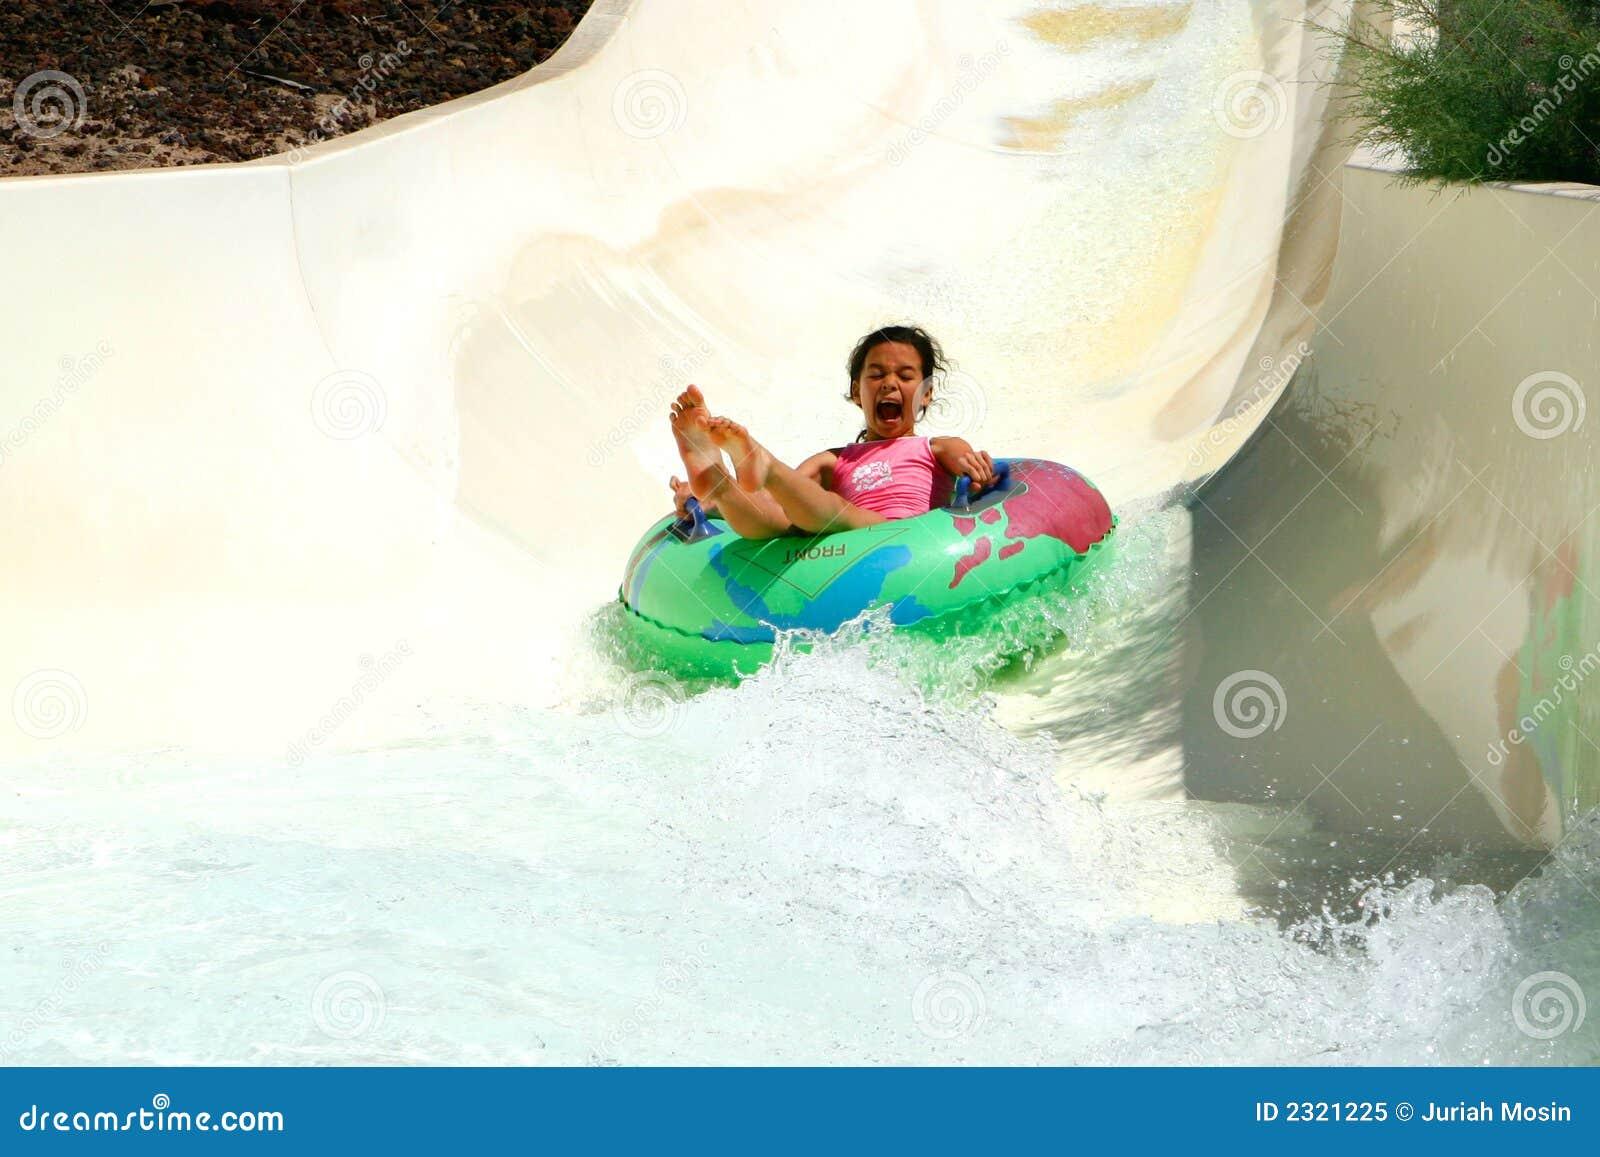 Screaming girl down the slide